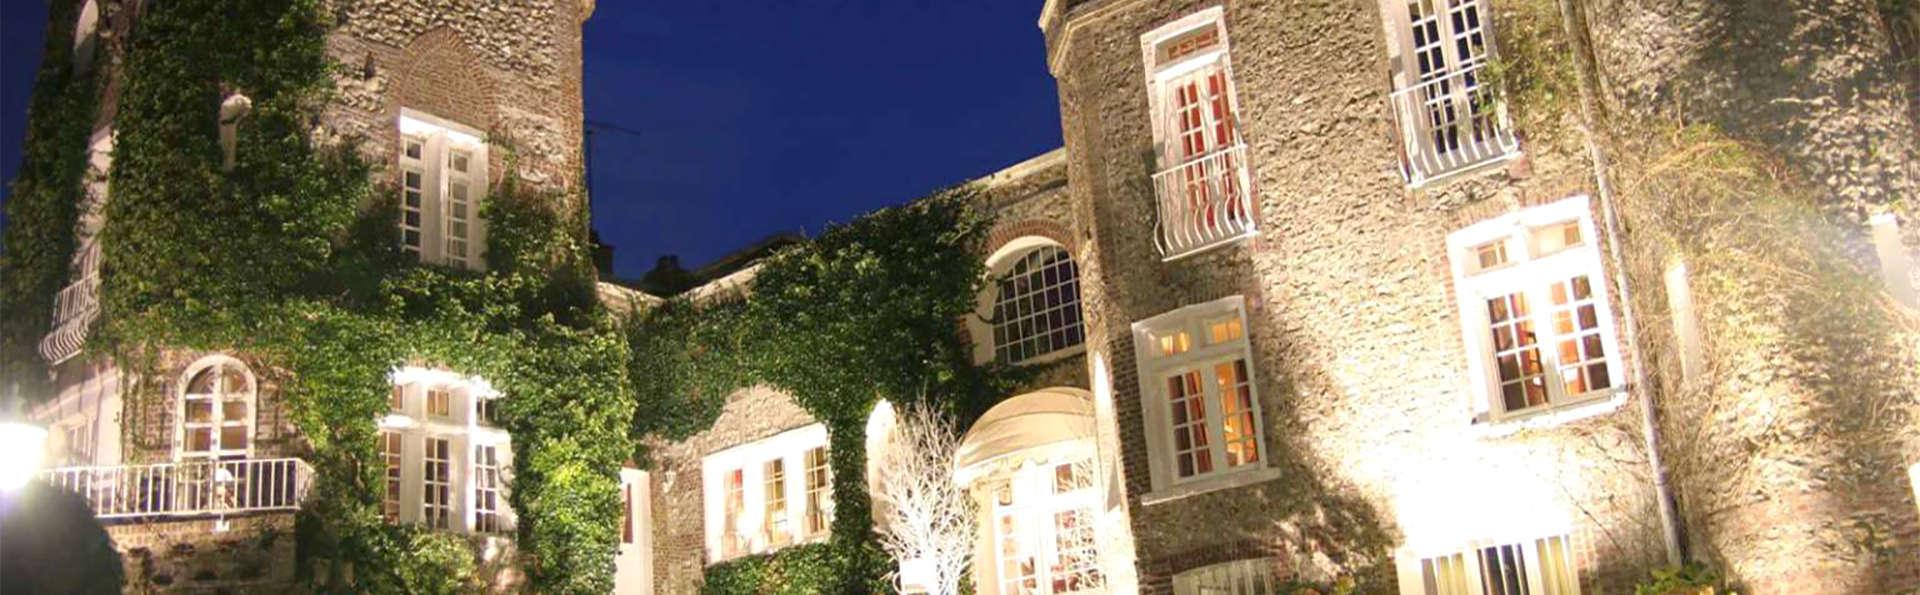 Domaine Saint Clair Le Donjon  - EDIT_facade.jpg